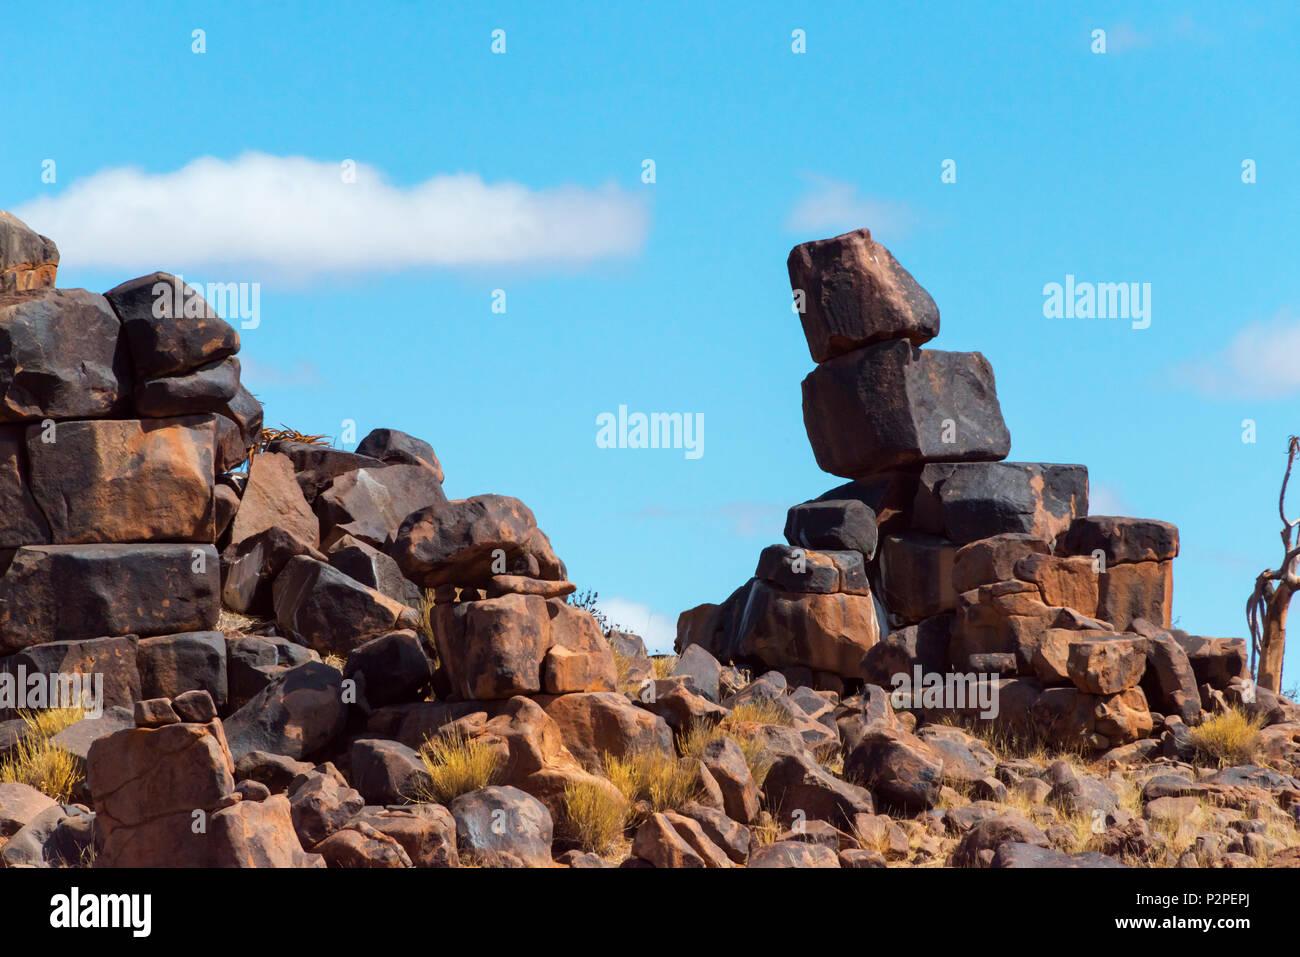 Rock piles in Kalahari Desert, Karas Region, Namibia - Stock Image